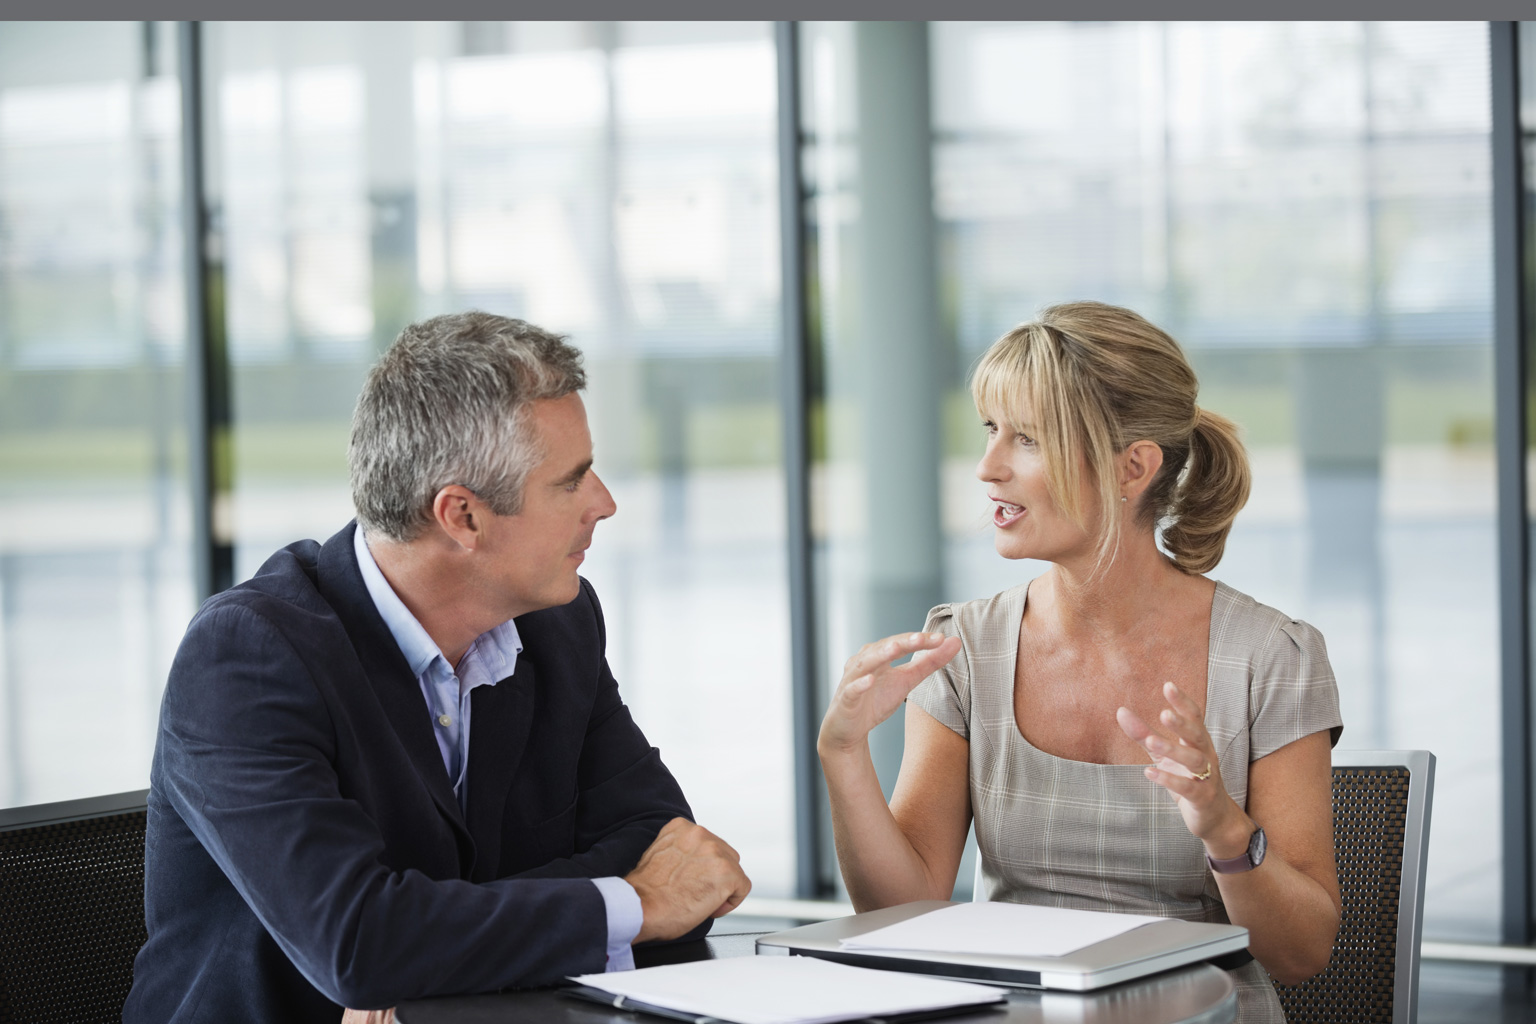 Pan z Panią omawiający wyniki samooceny kontroli zarządzczej przygotowane w  programie LEX Kontrola  Zarządcza